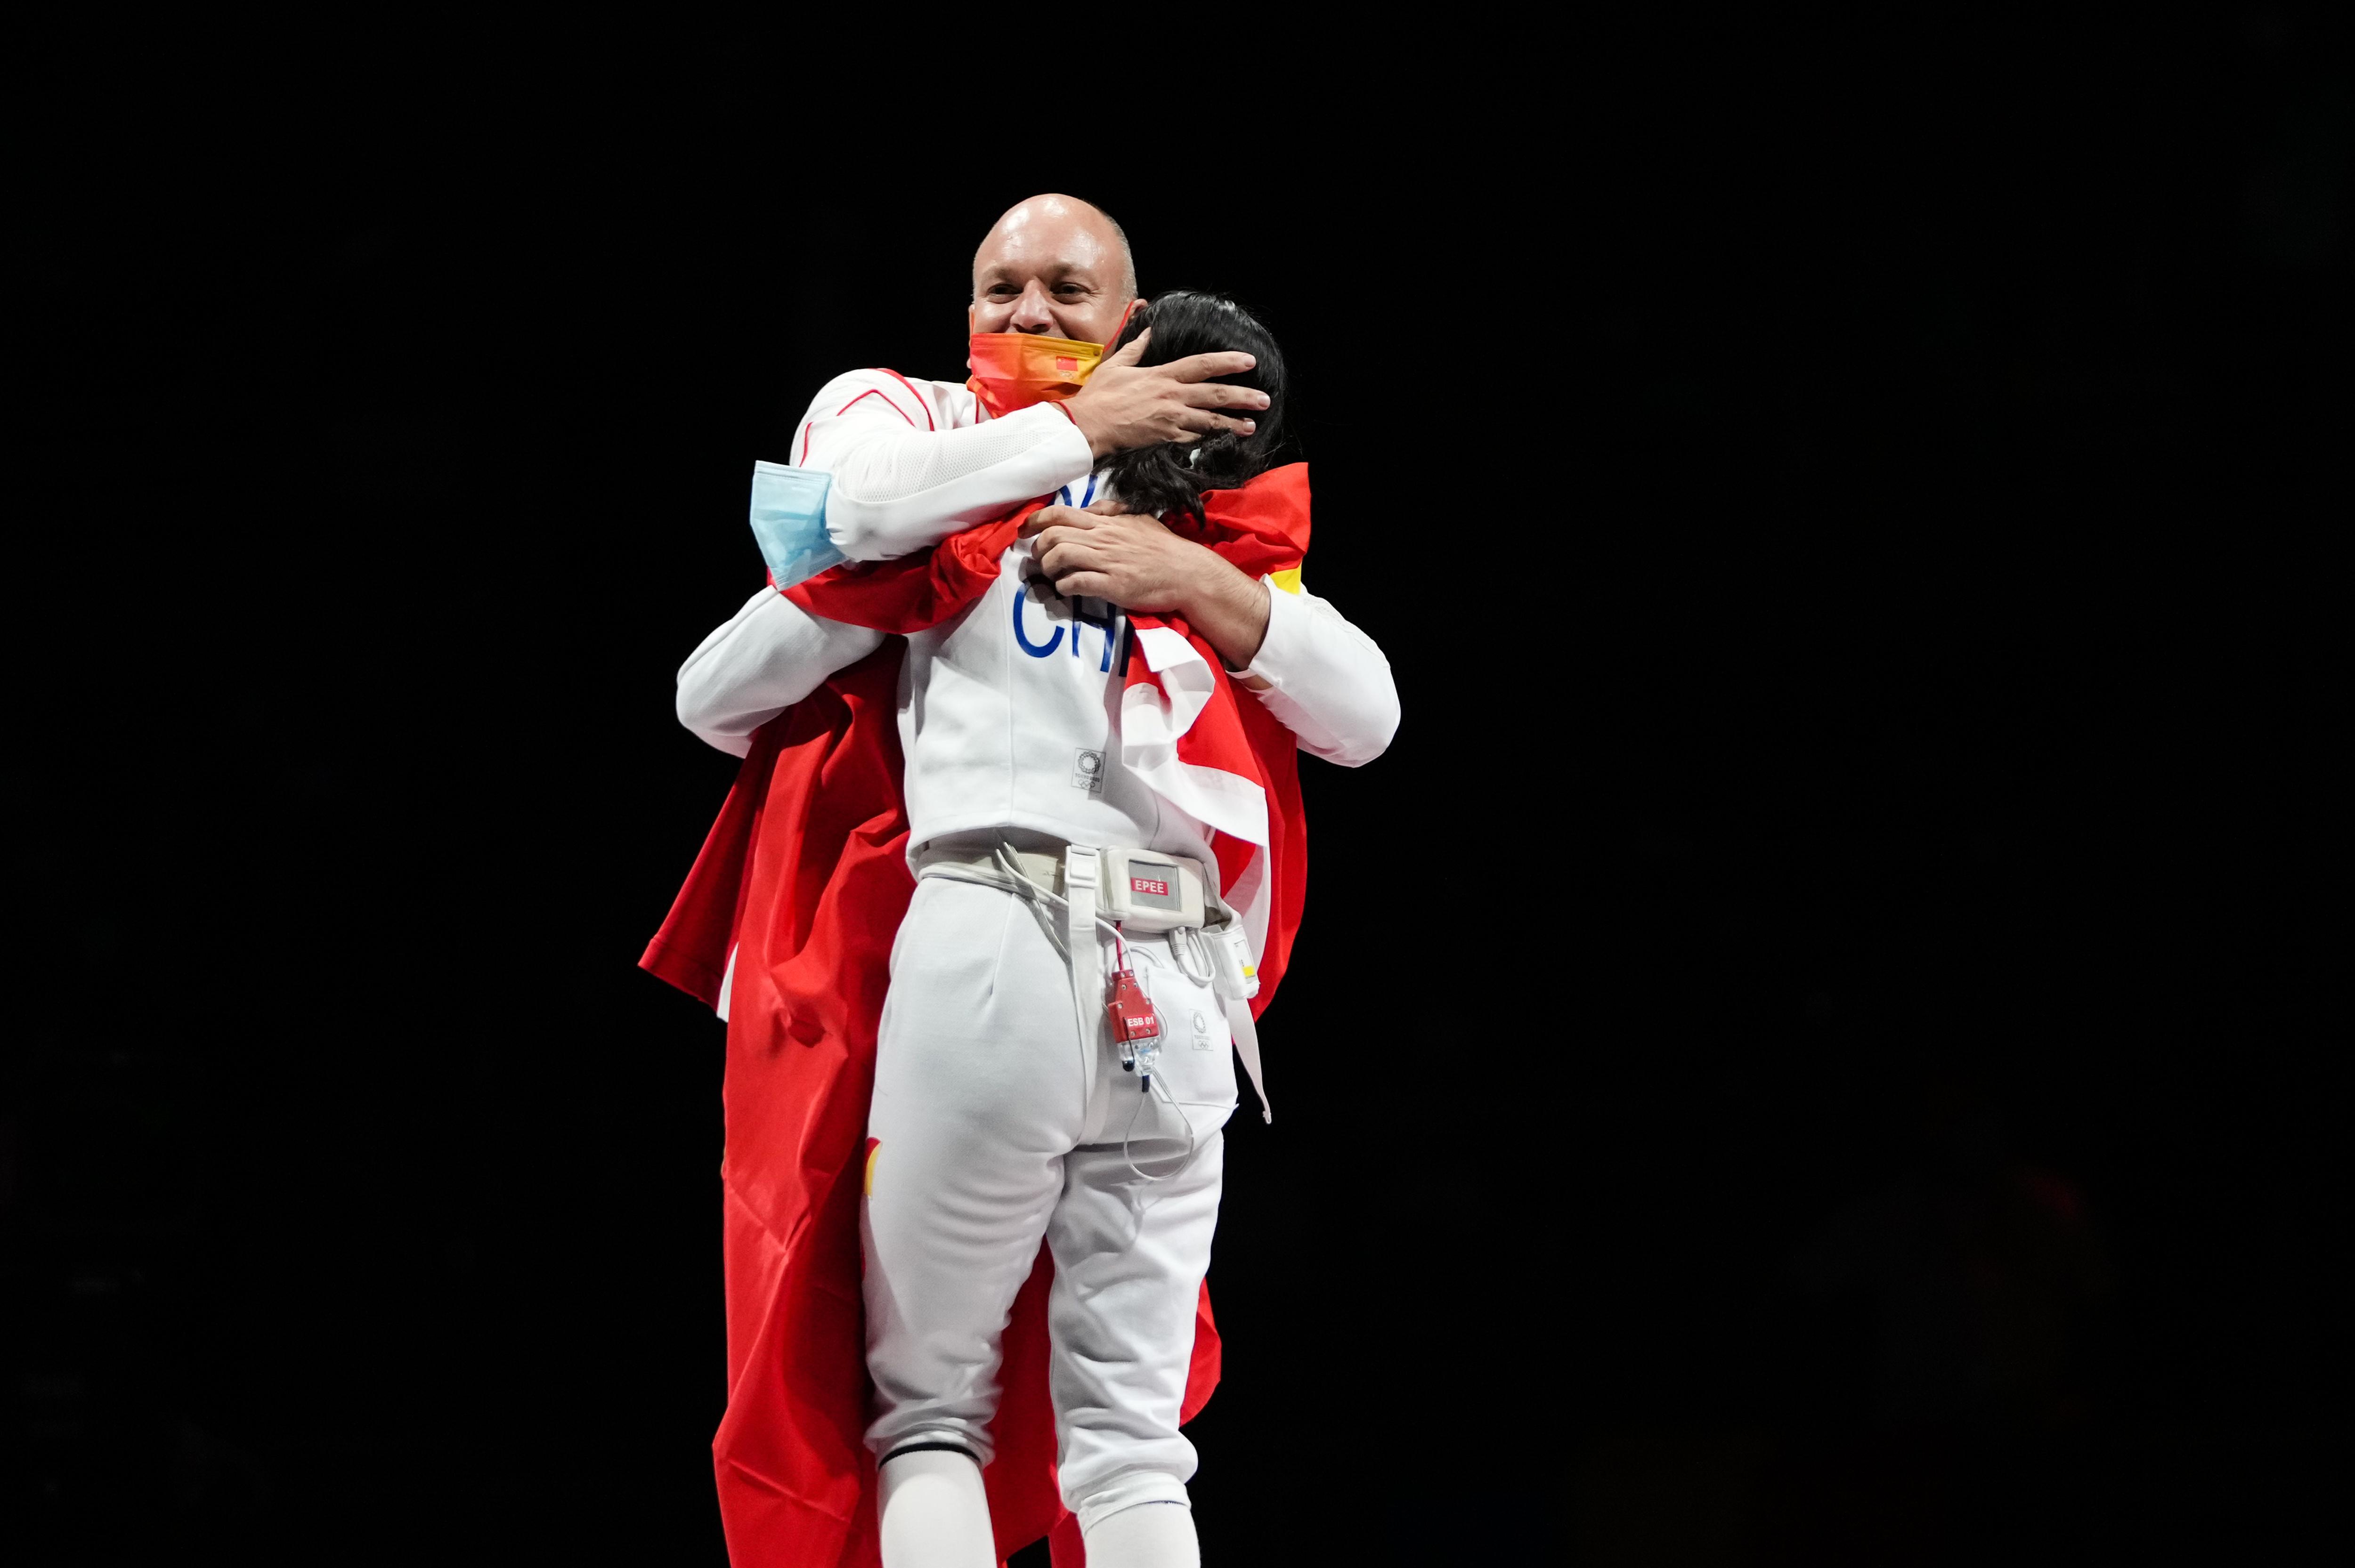 师徒赛后拥抱。